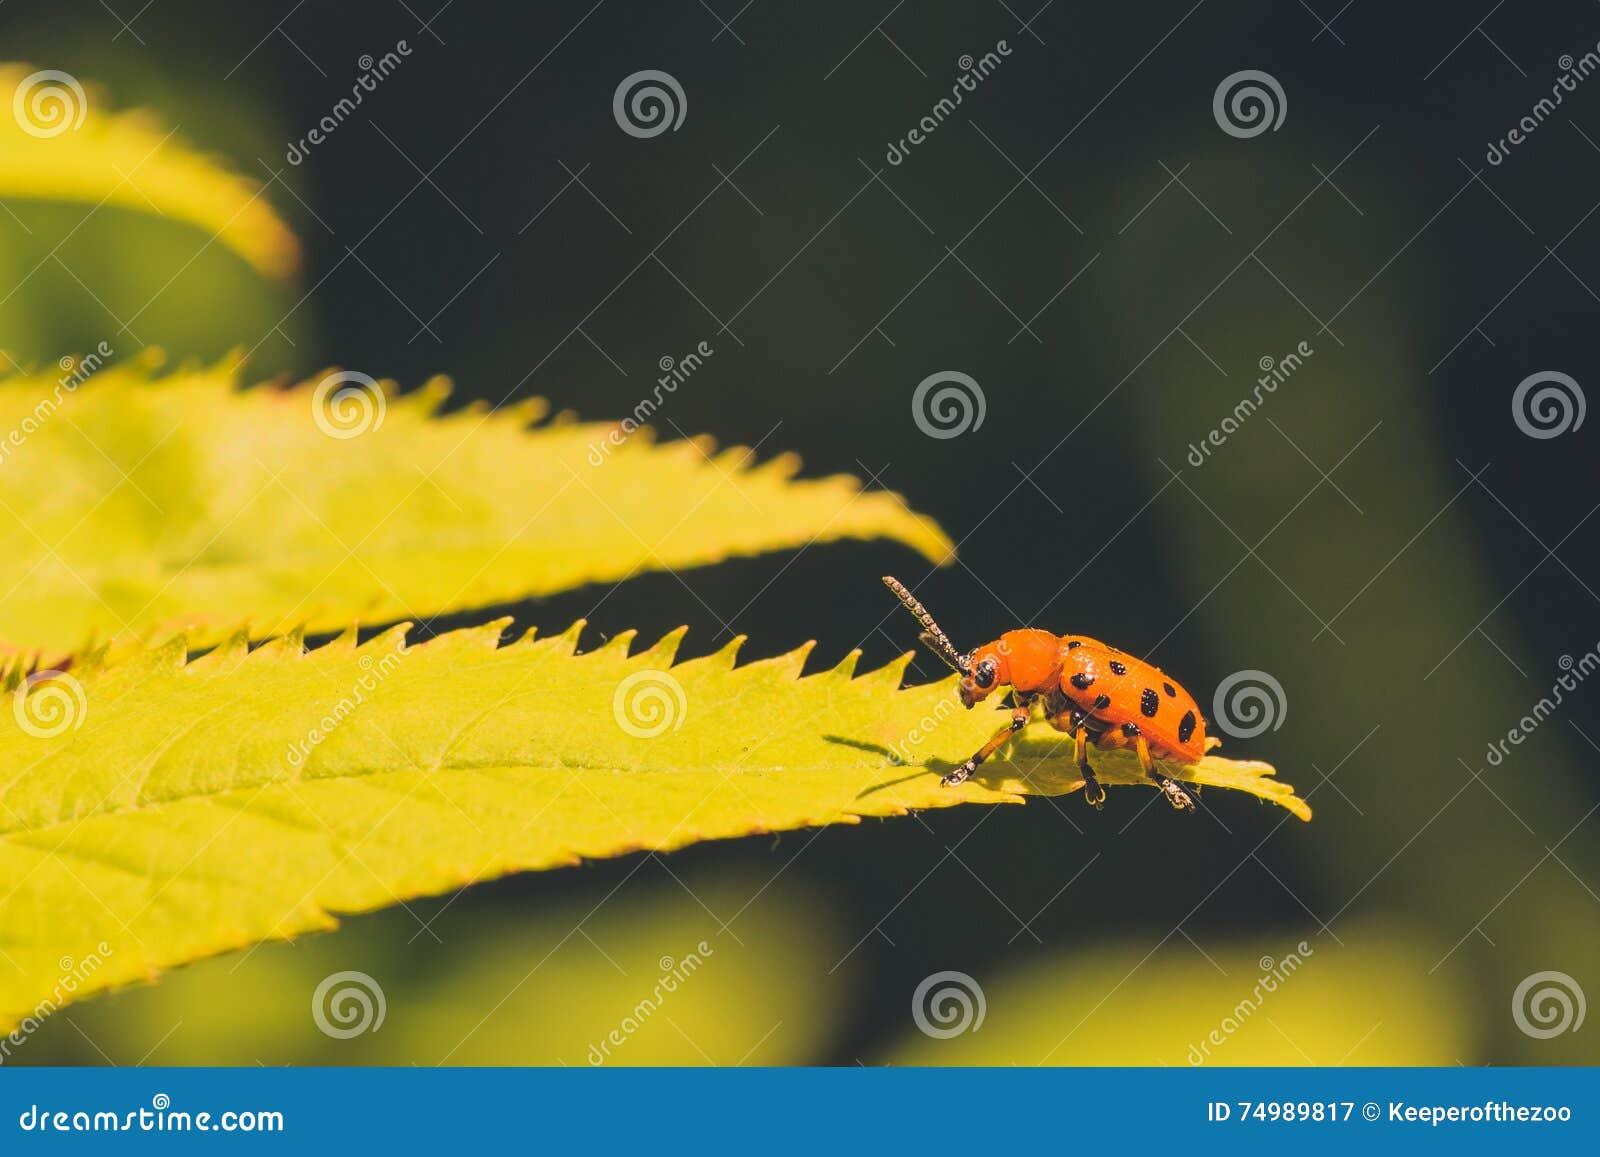 Twelve Spotted Asparagus Beetle